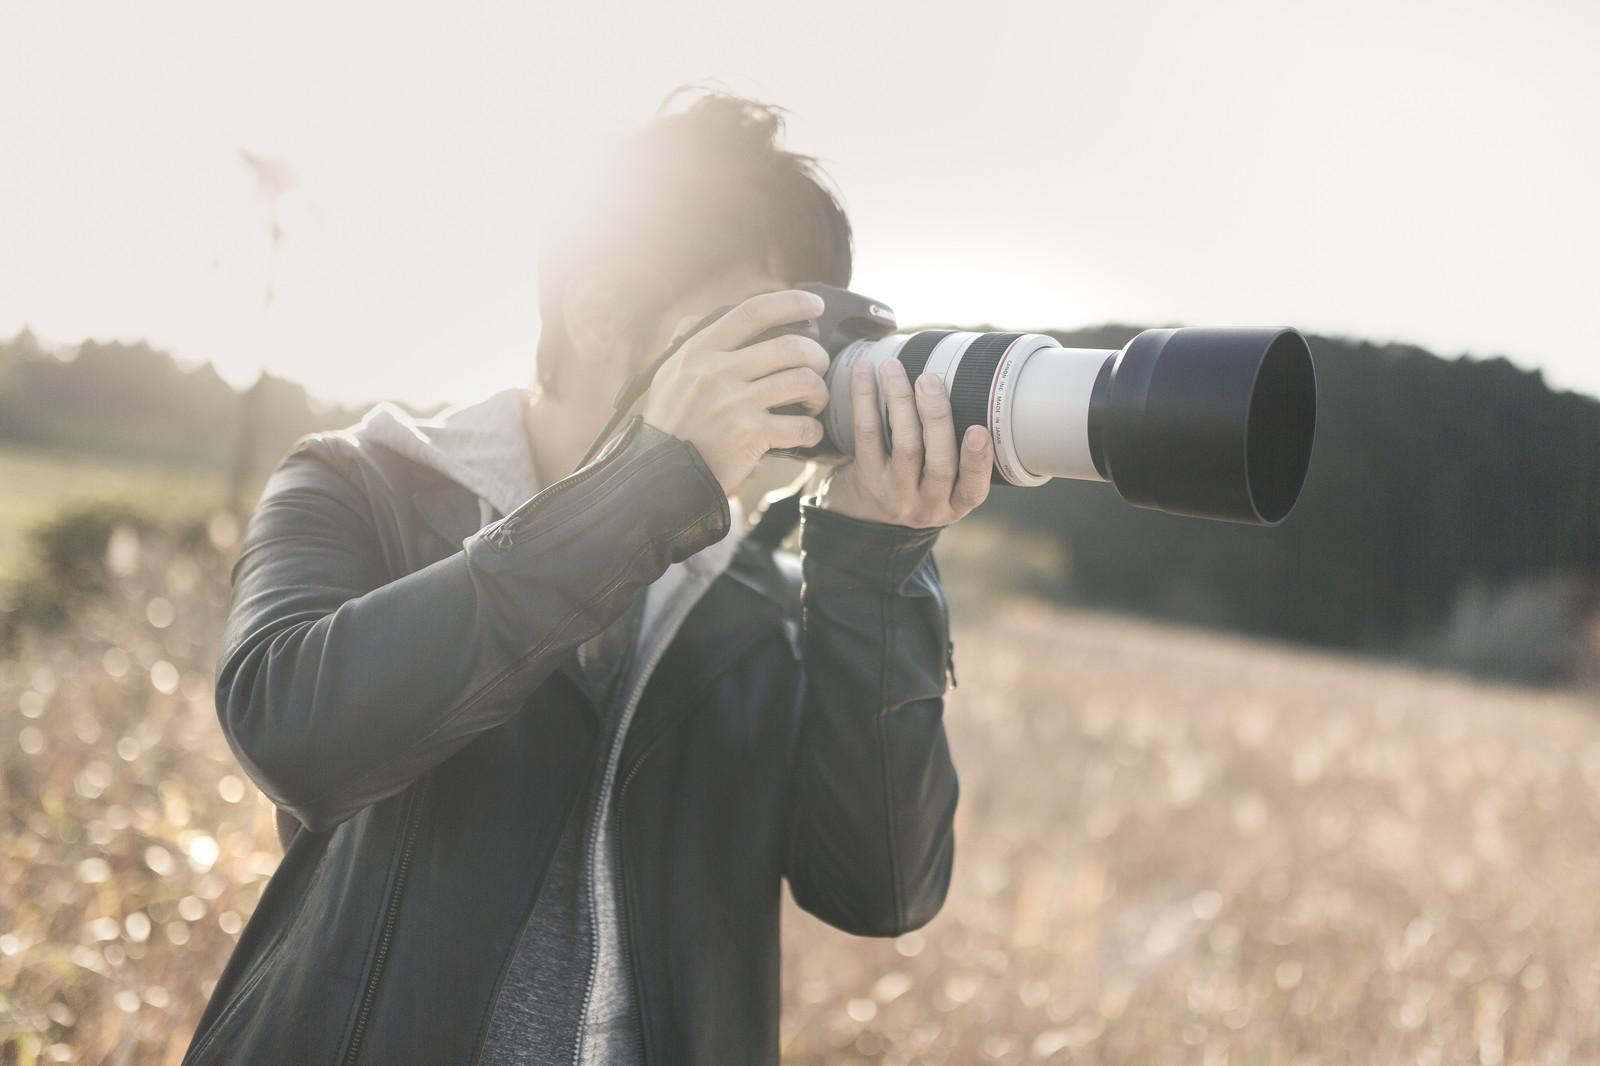 みとん今治,広告,募集,カメラマン,ライター,pv